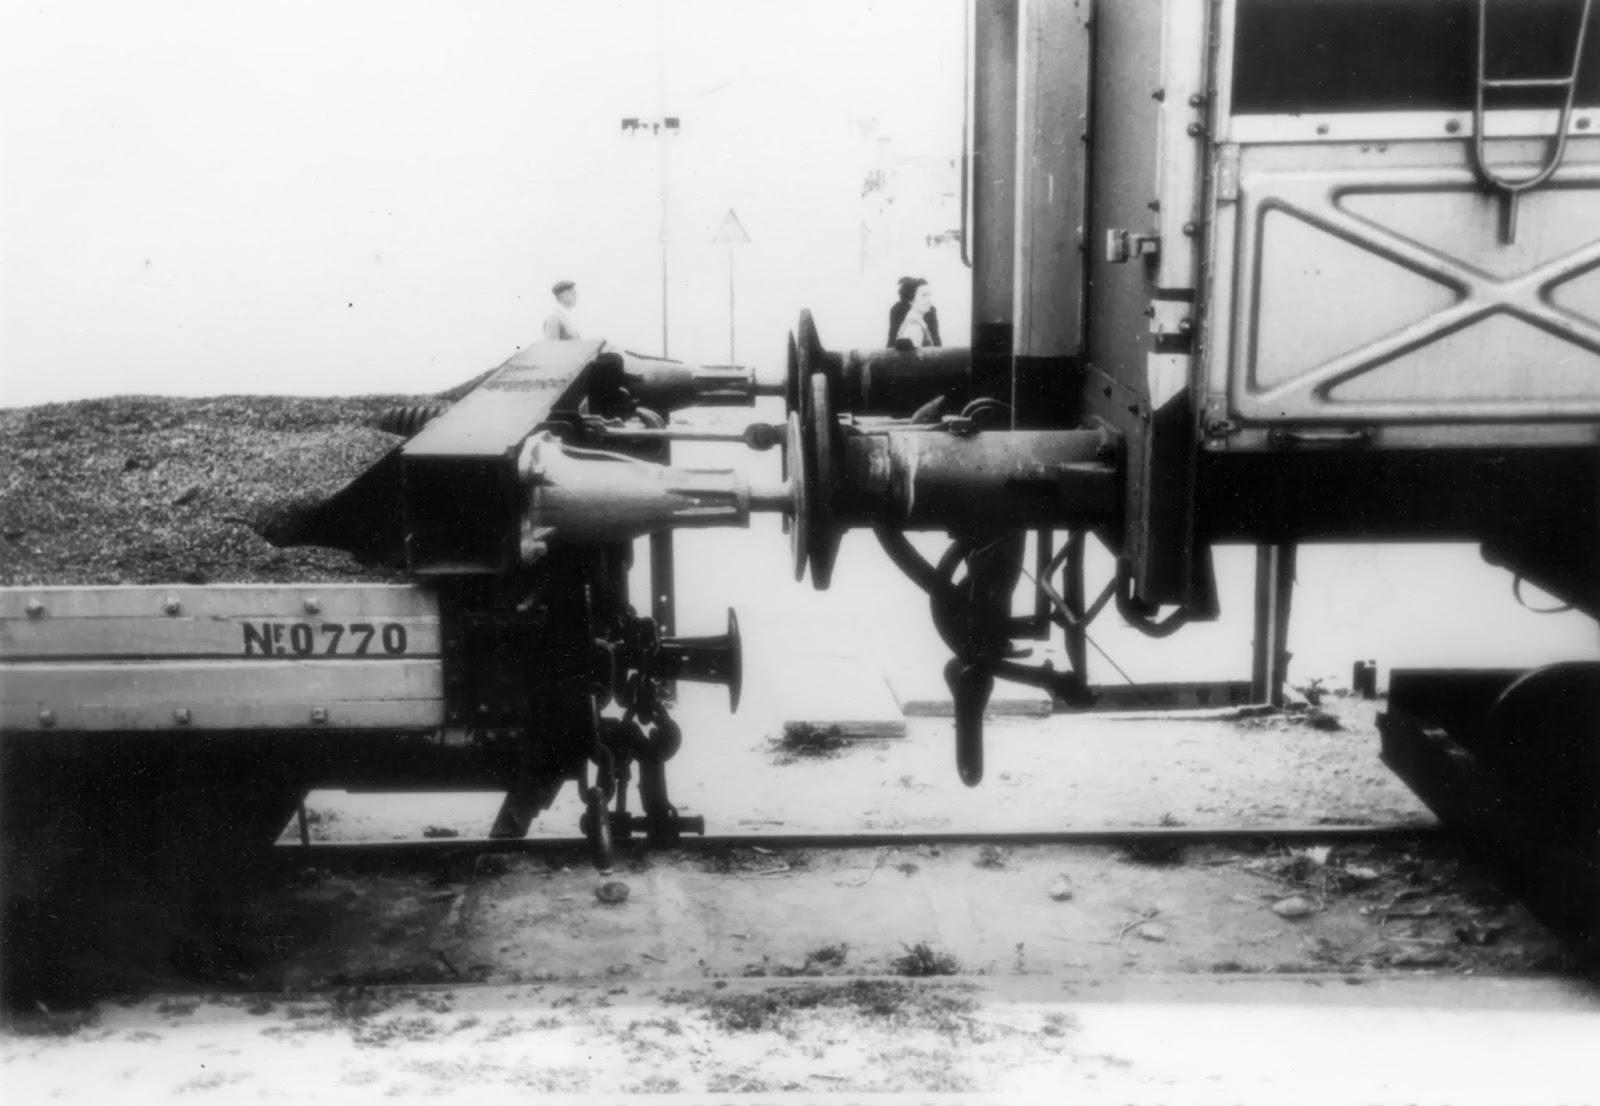 Tope de los mansos con los vagones de Transfesa sobre carretones, foto Vte Ferrer